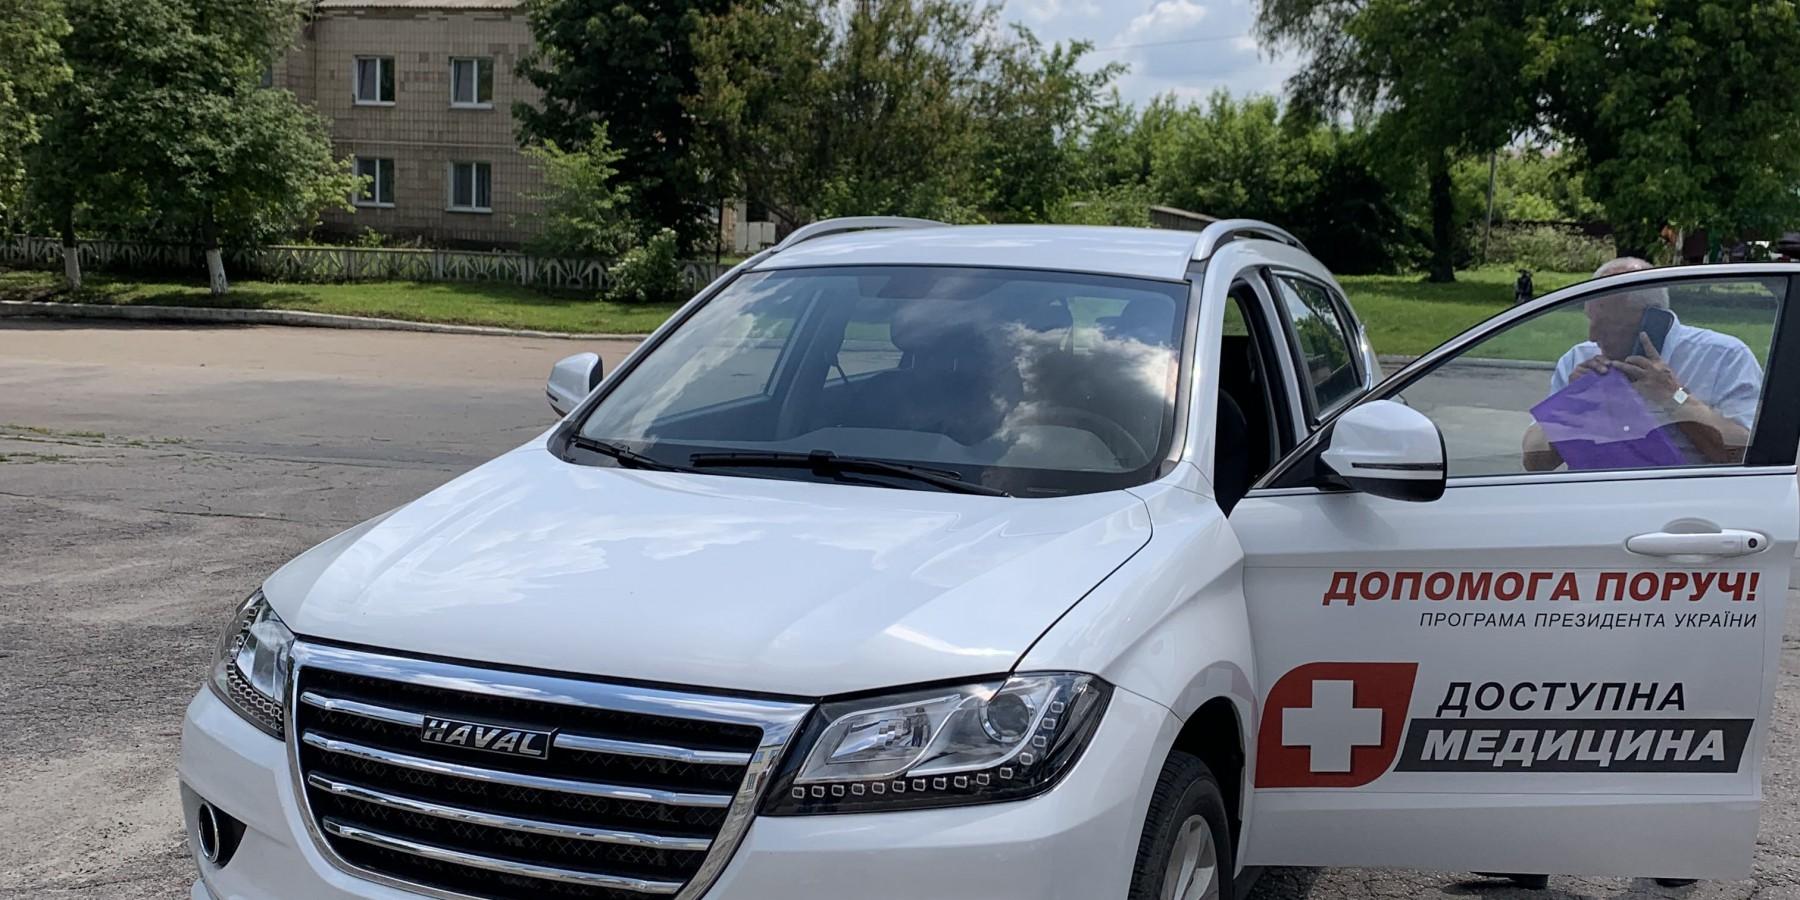 Колодистенська амбулаторія загальної практики сімейної медицини отримала в користування новий автомобіль